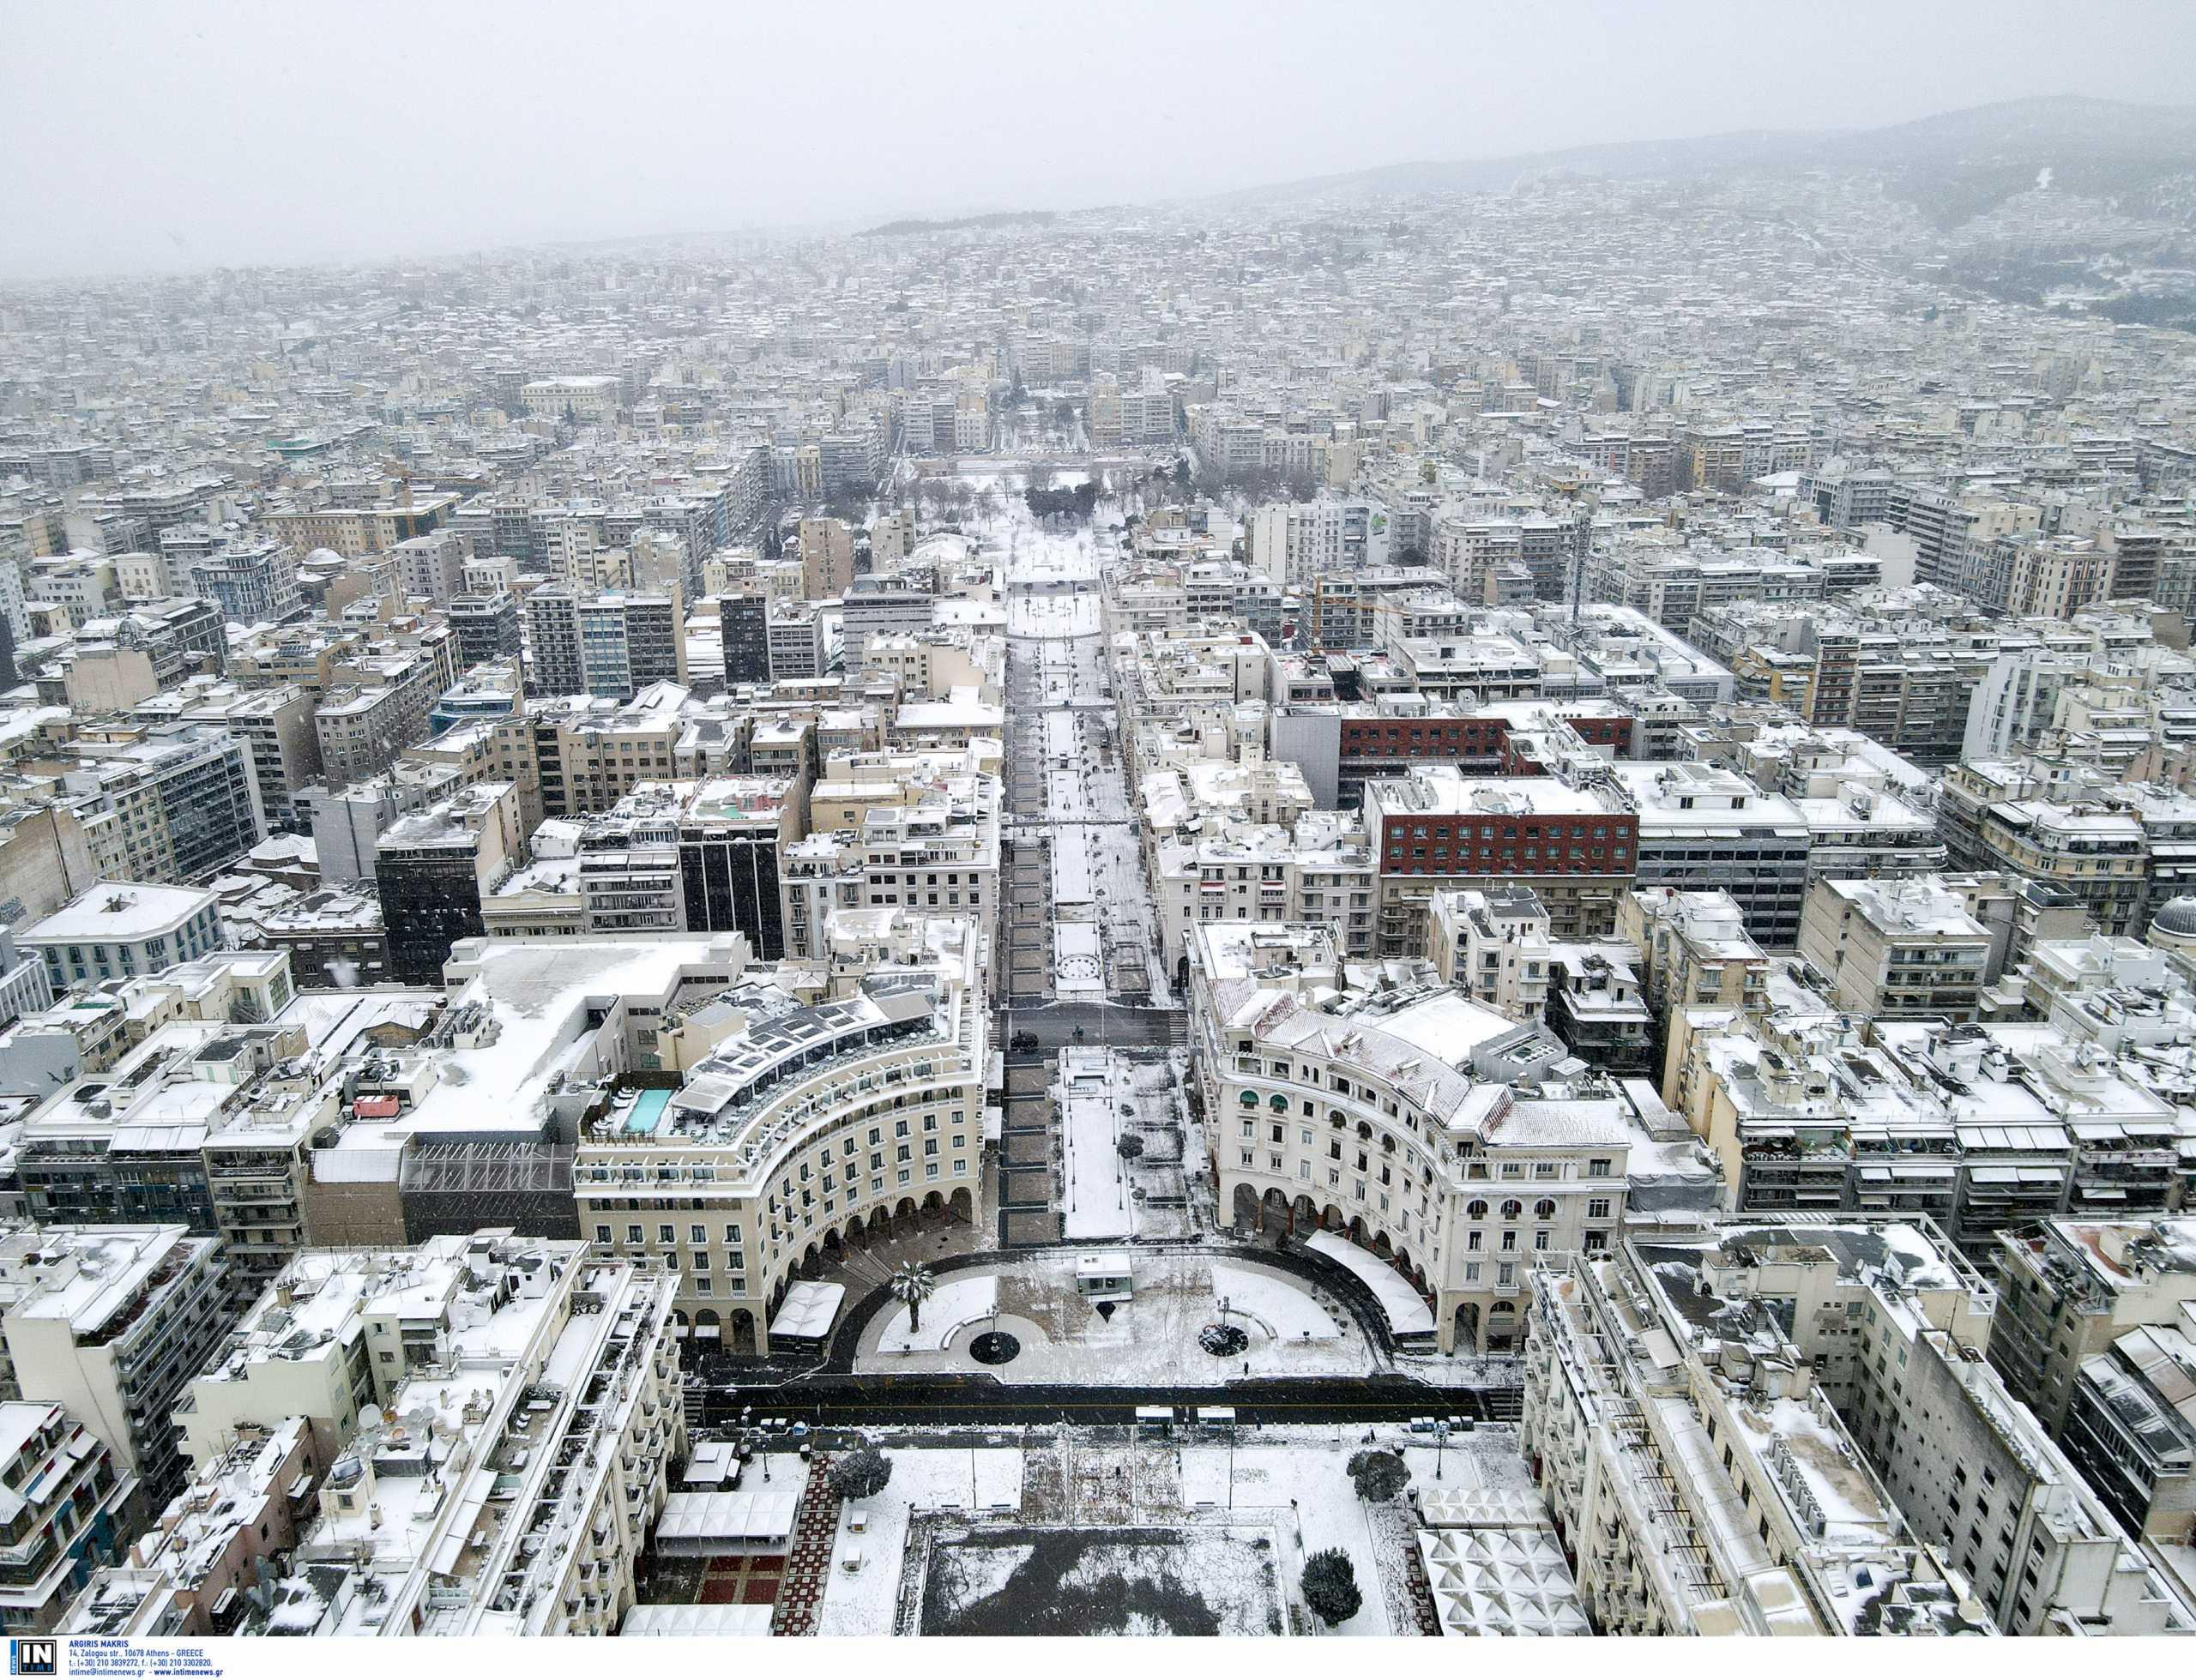 Καιρός – Κακοκαιρία Μήδεια: Εκπληκτικές εικόνες στη χιονισμένη Θεσσαλονίκη – Κλειστά σχολεία τη Δευτέρα (pics)